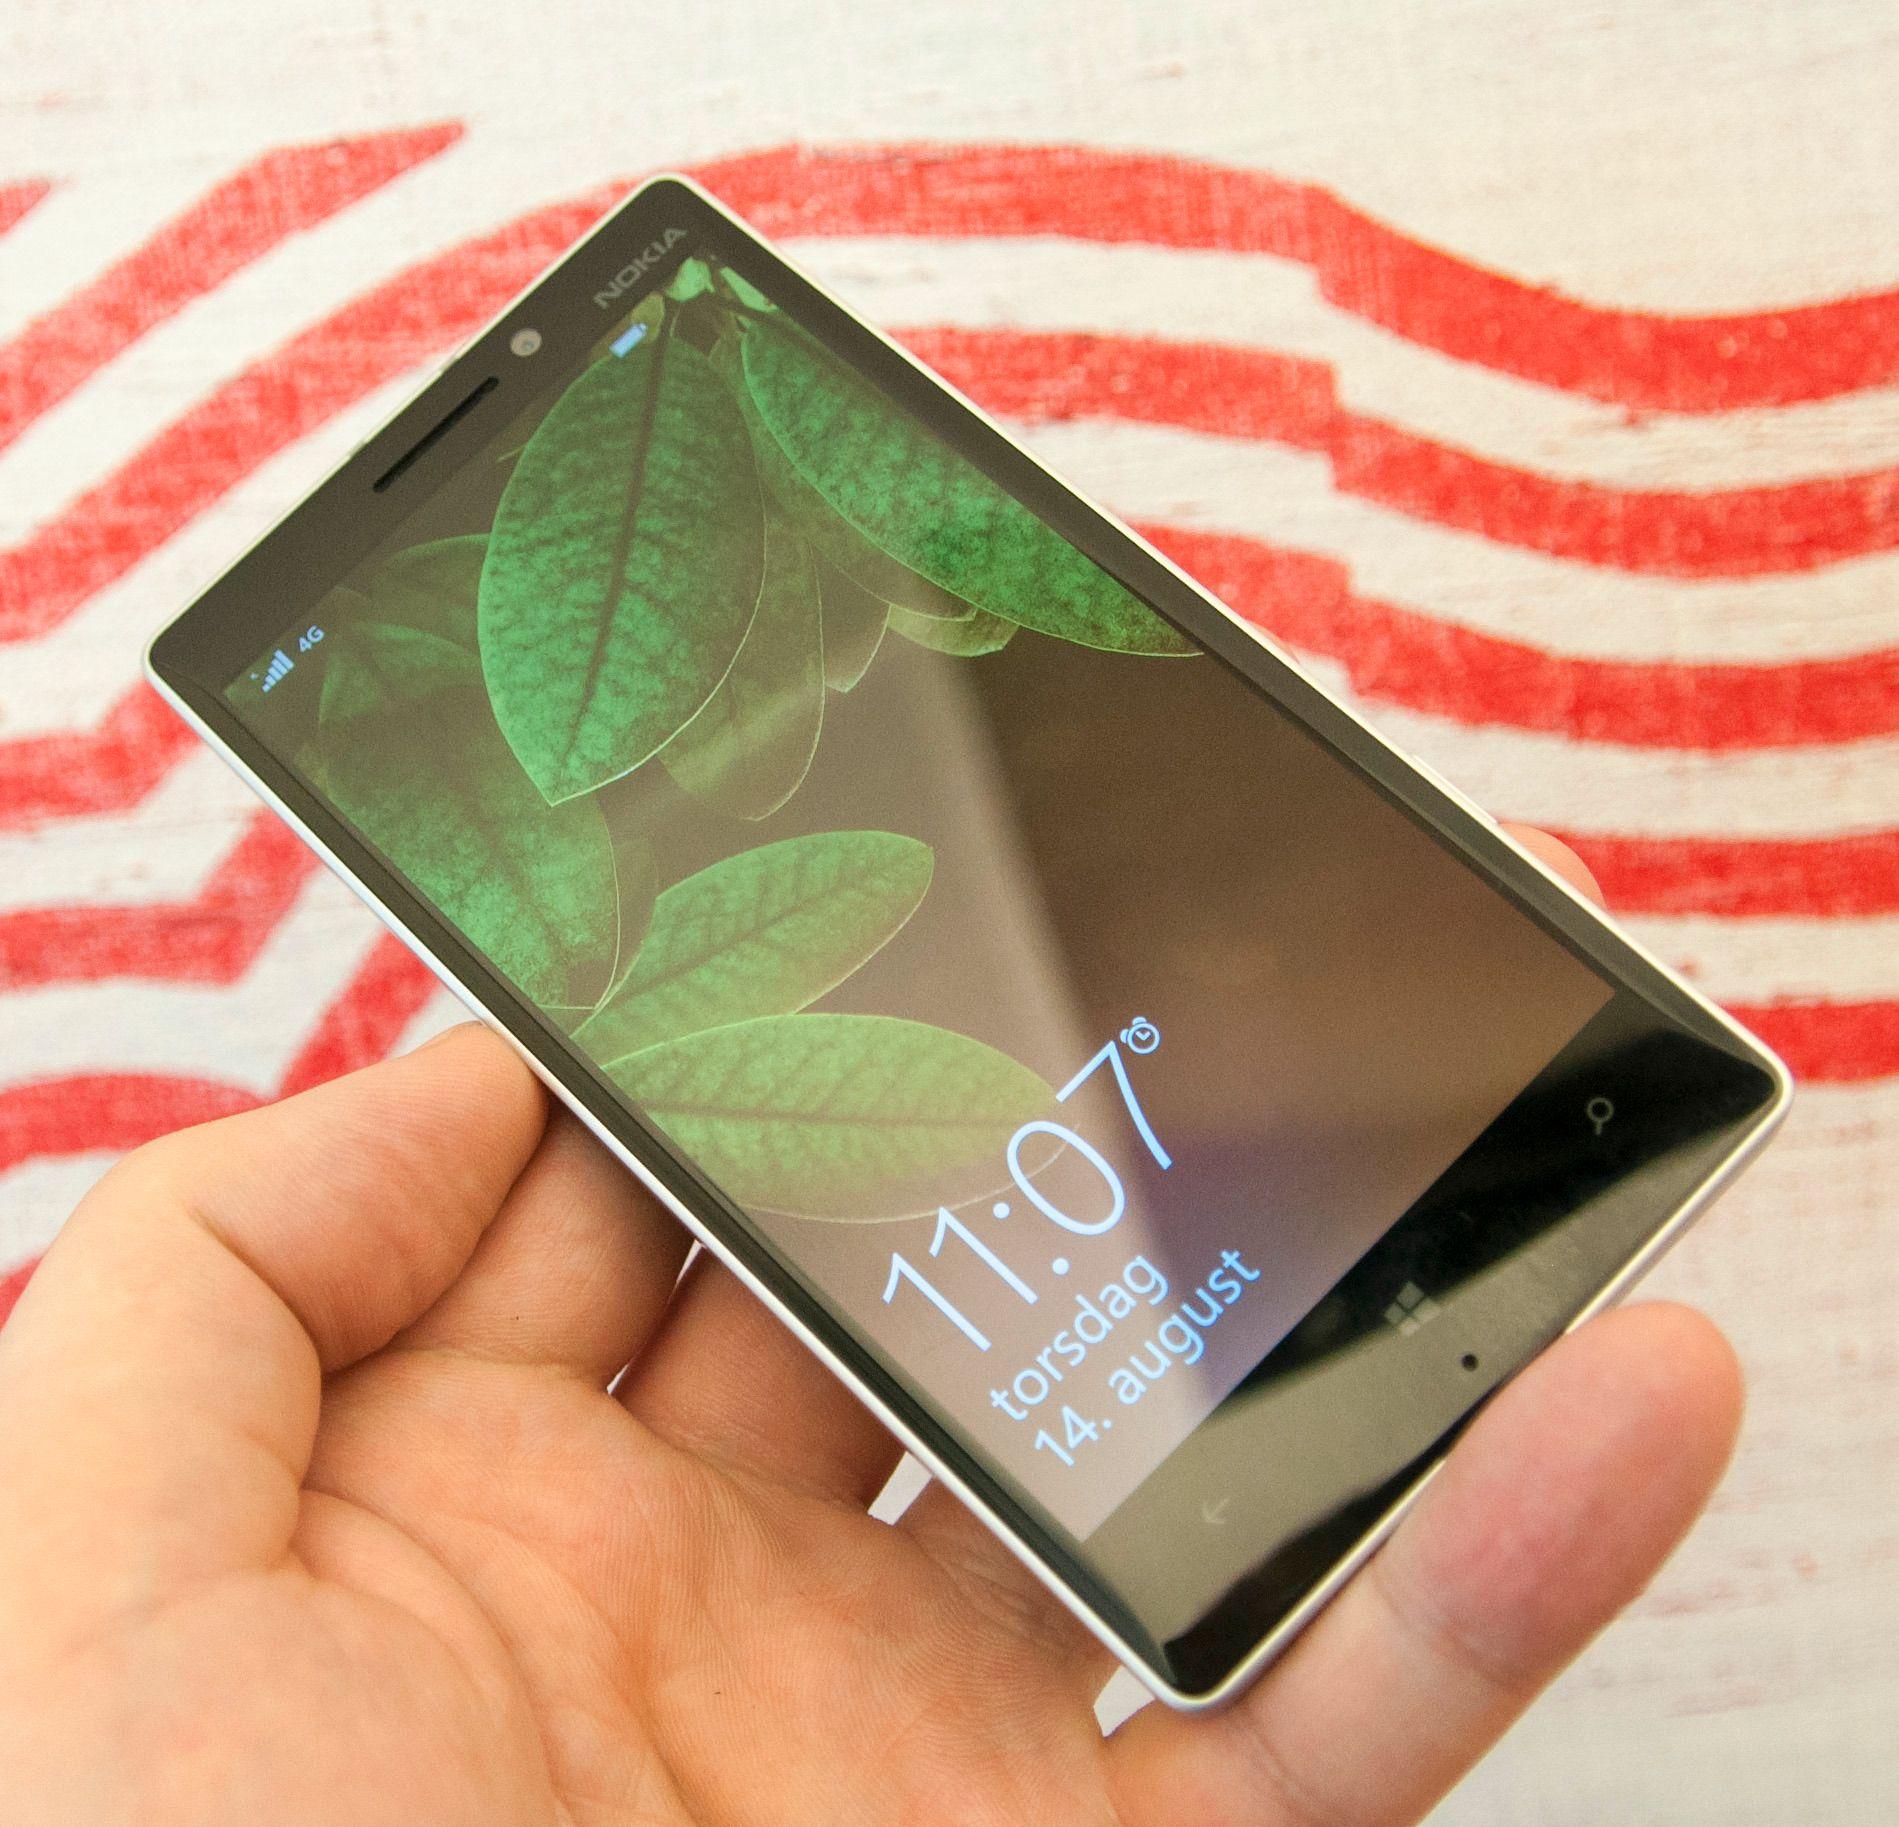 Lumia 930 er en av telefonene som får Denim-oppdateringen i løpet av de nærmeste par månedene.Foto: Finn Jarle Kvalheim, Amobil.no